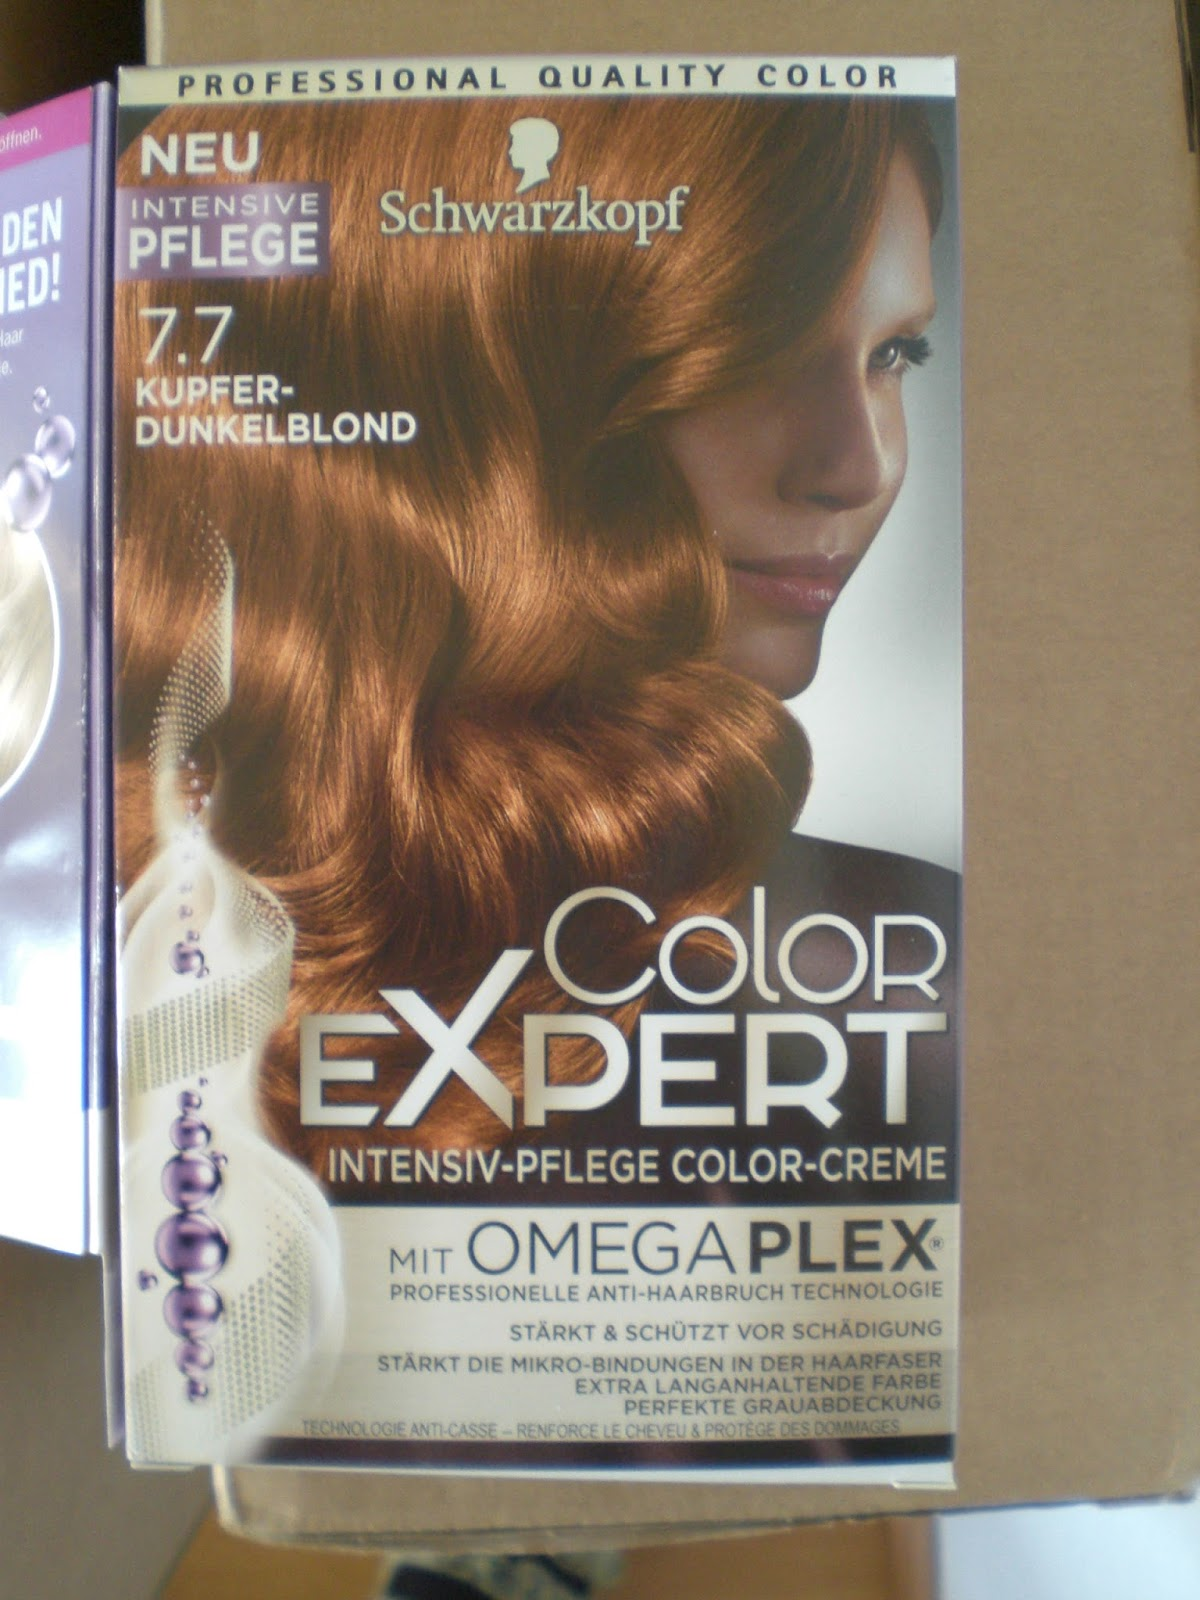 Expert erfahrung color dunkelblond Schwarzkopf Professional